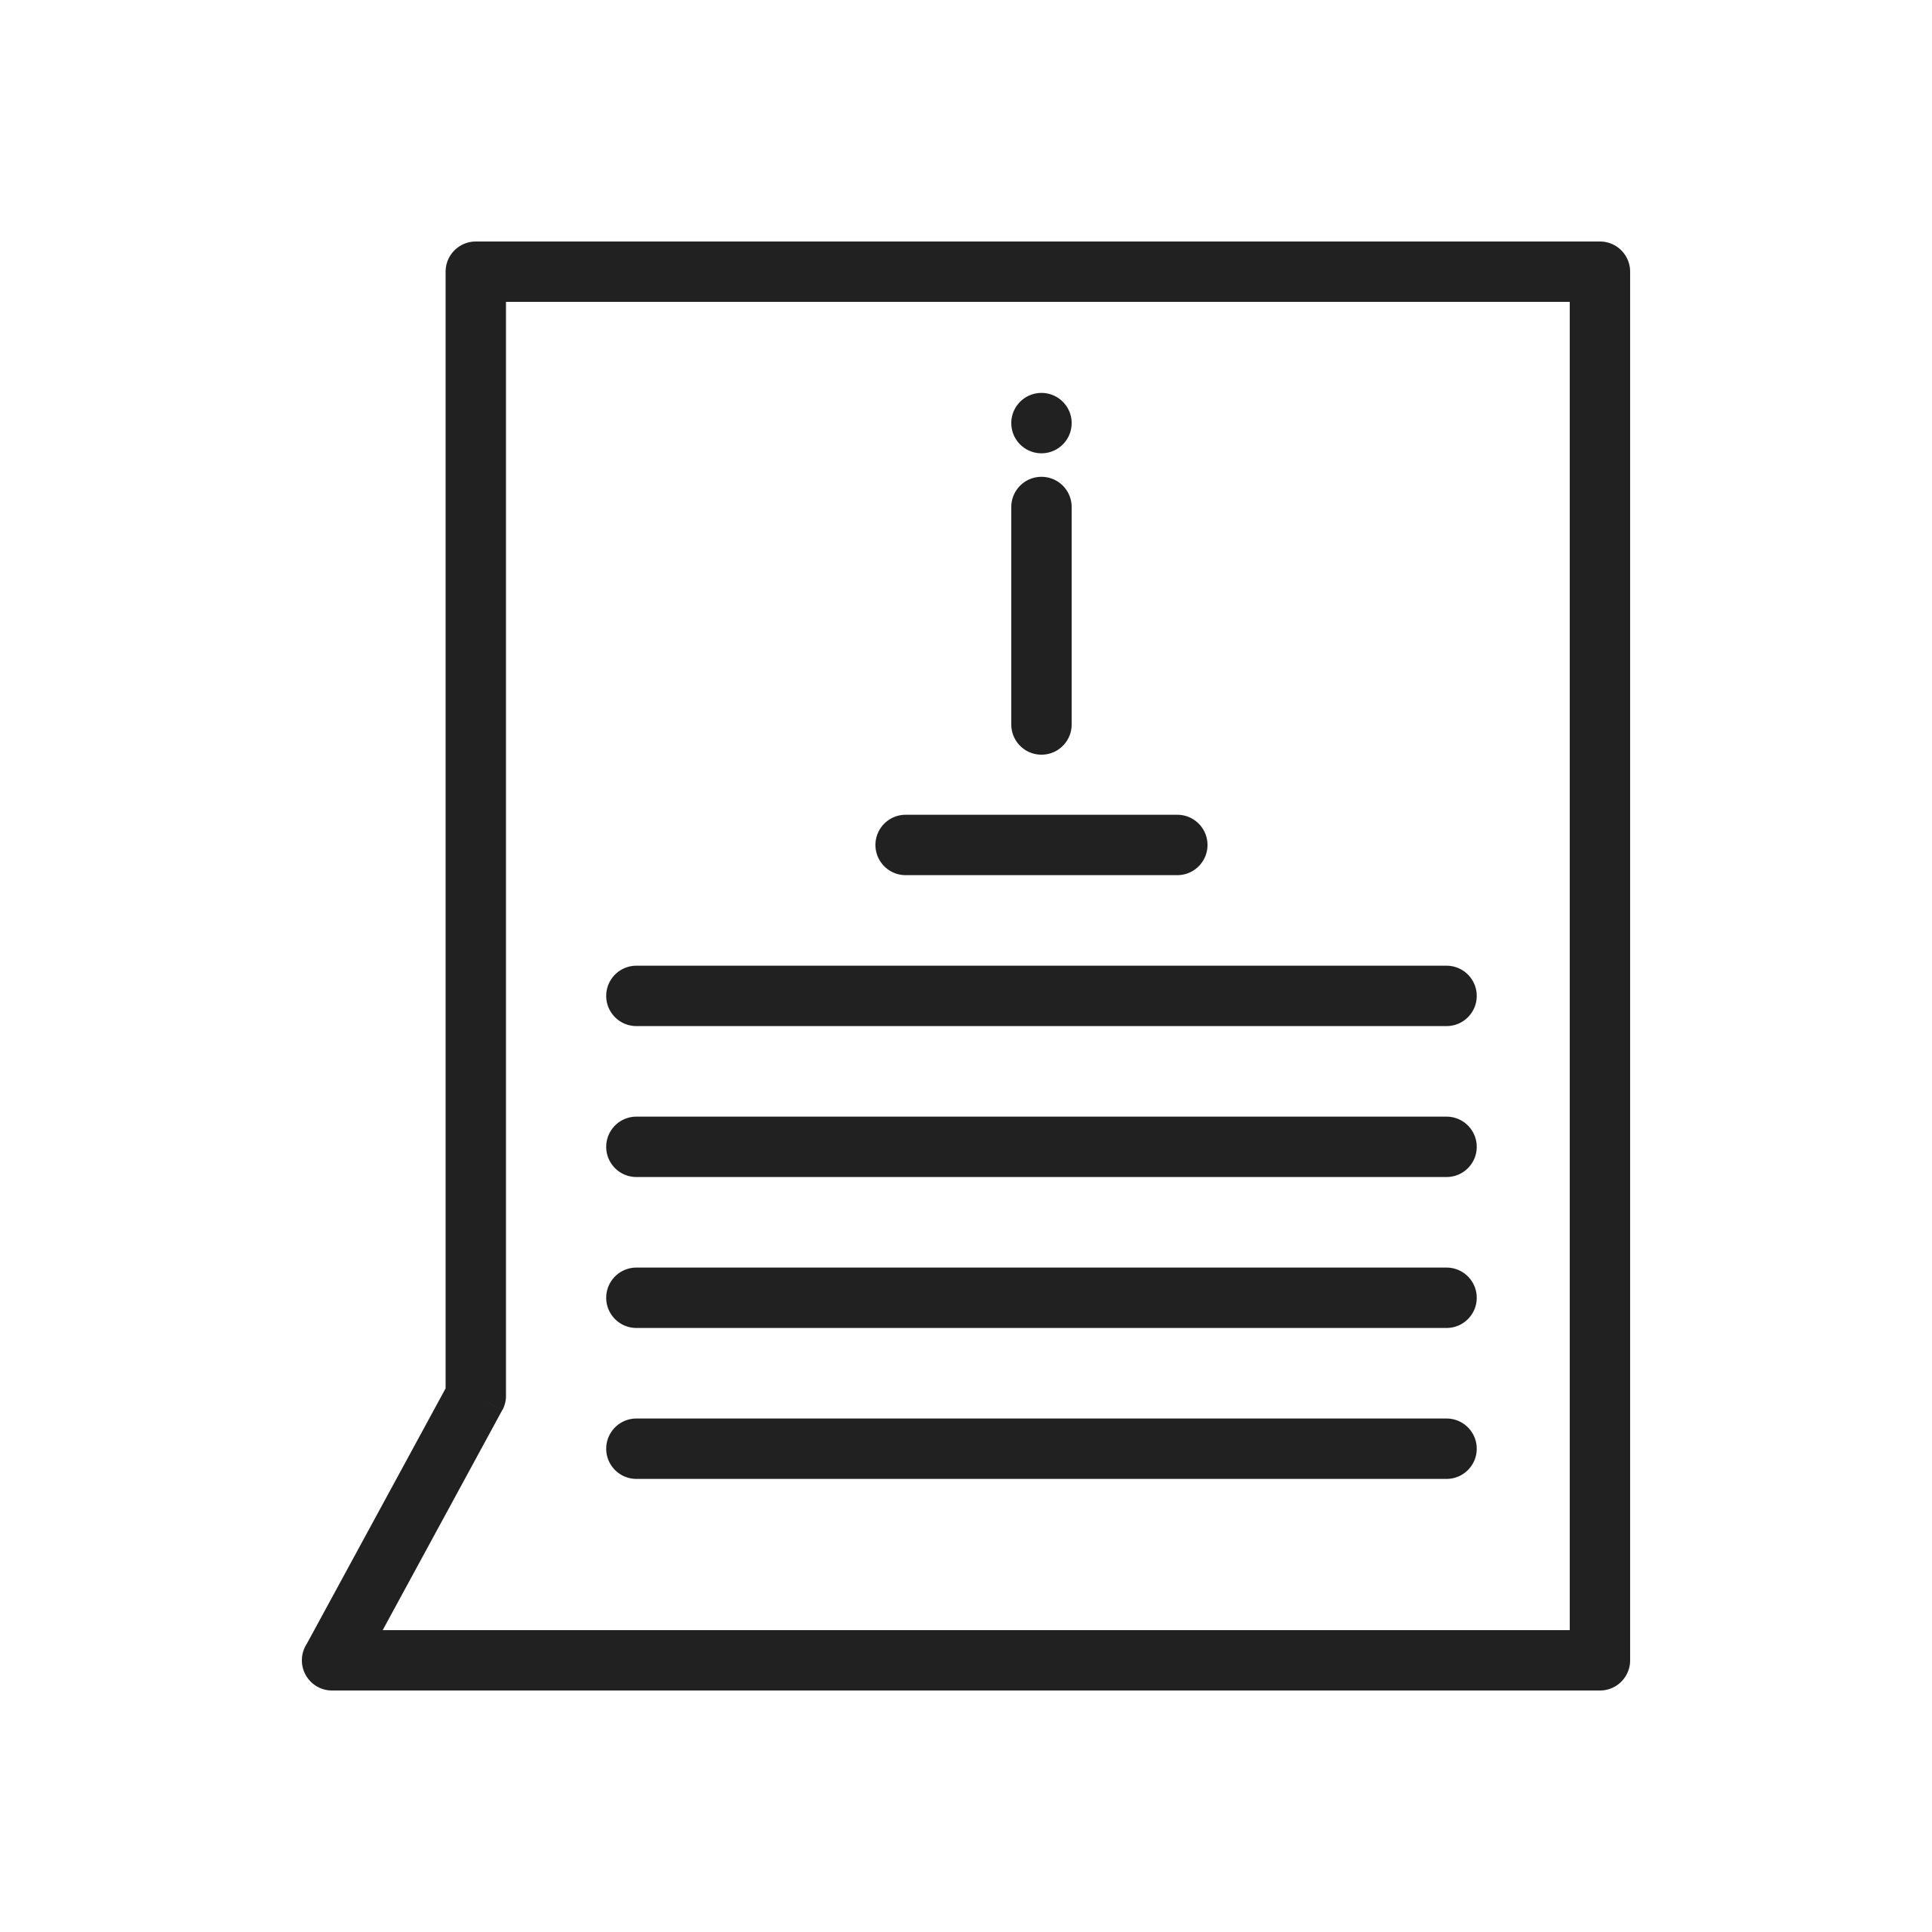 copywriting geelong - icon